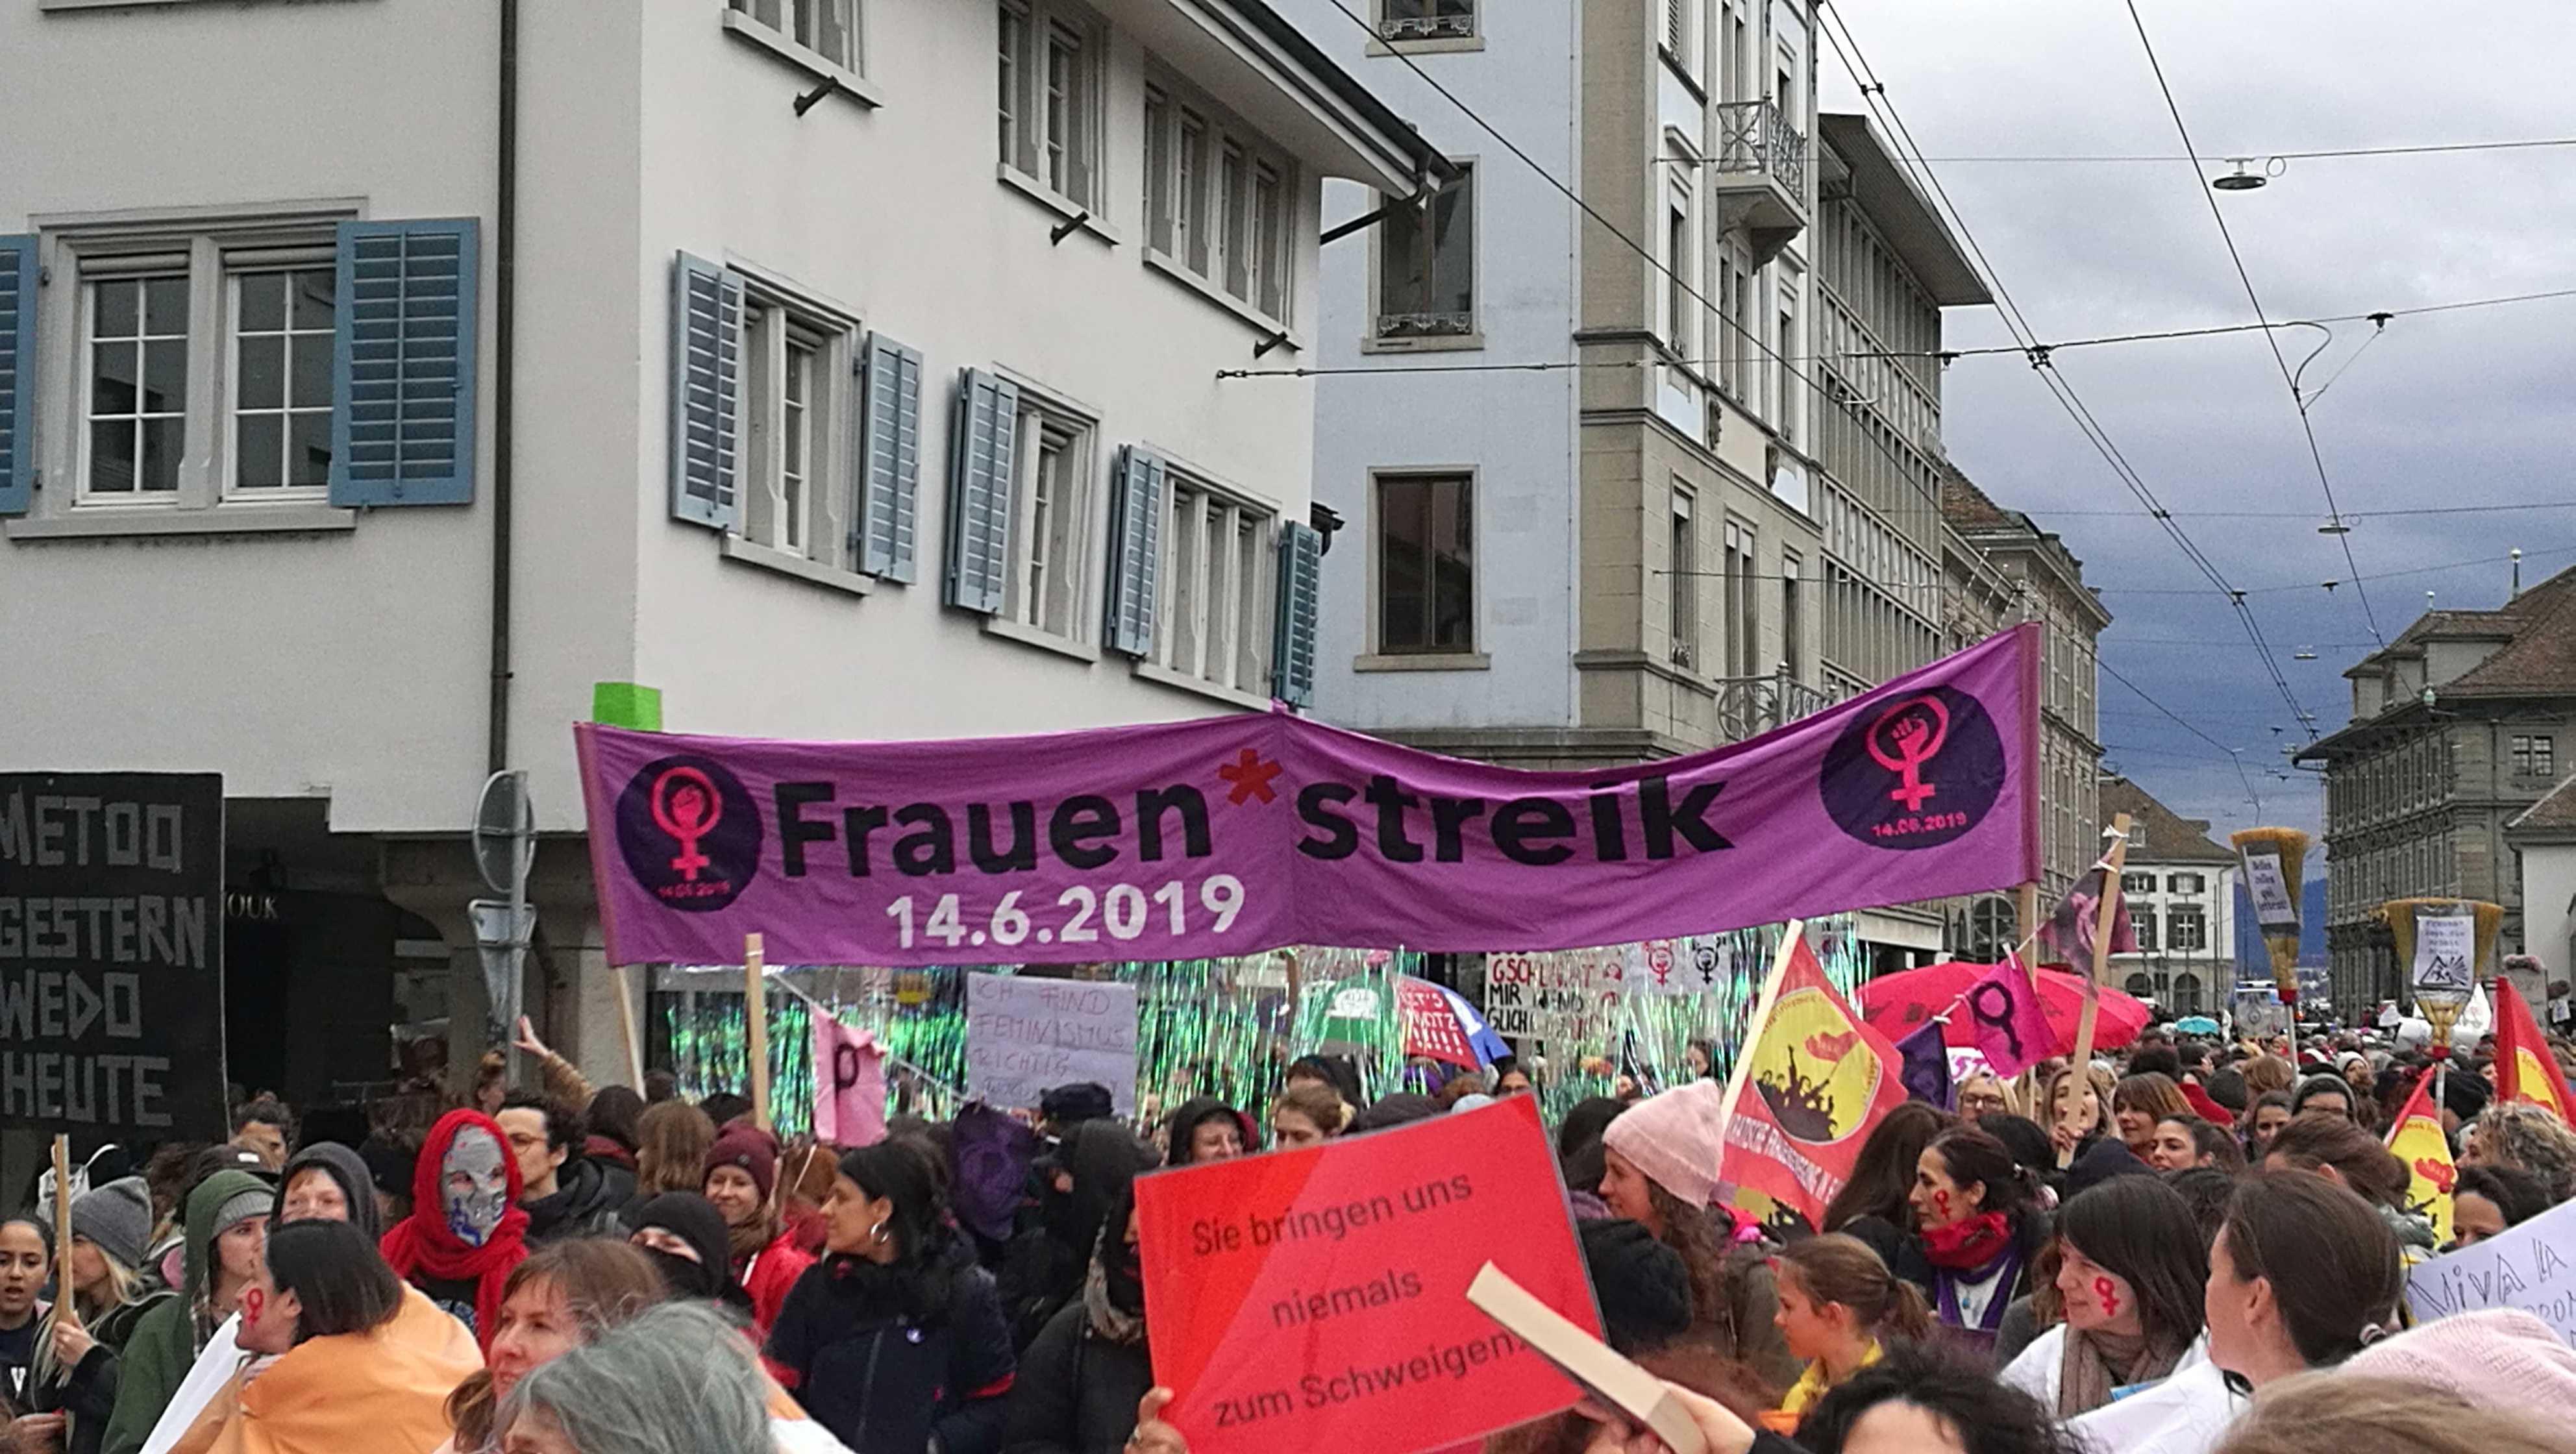 """Foto von der Demonstration am 8. März in Zürich, zu sehen ist das Hochtransparent des Frauen*streikkollektivs Zürich, auf dem steht Frauen*streik 14.6.2019. Darum herum ganz viele Frauen und weiter Plackarden. Im Vordergrund eines auf dem steht """"Sie bringen uns niemals zum Schweiten"""""""